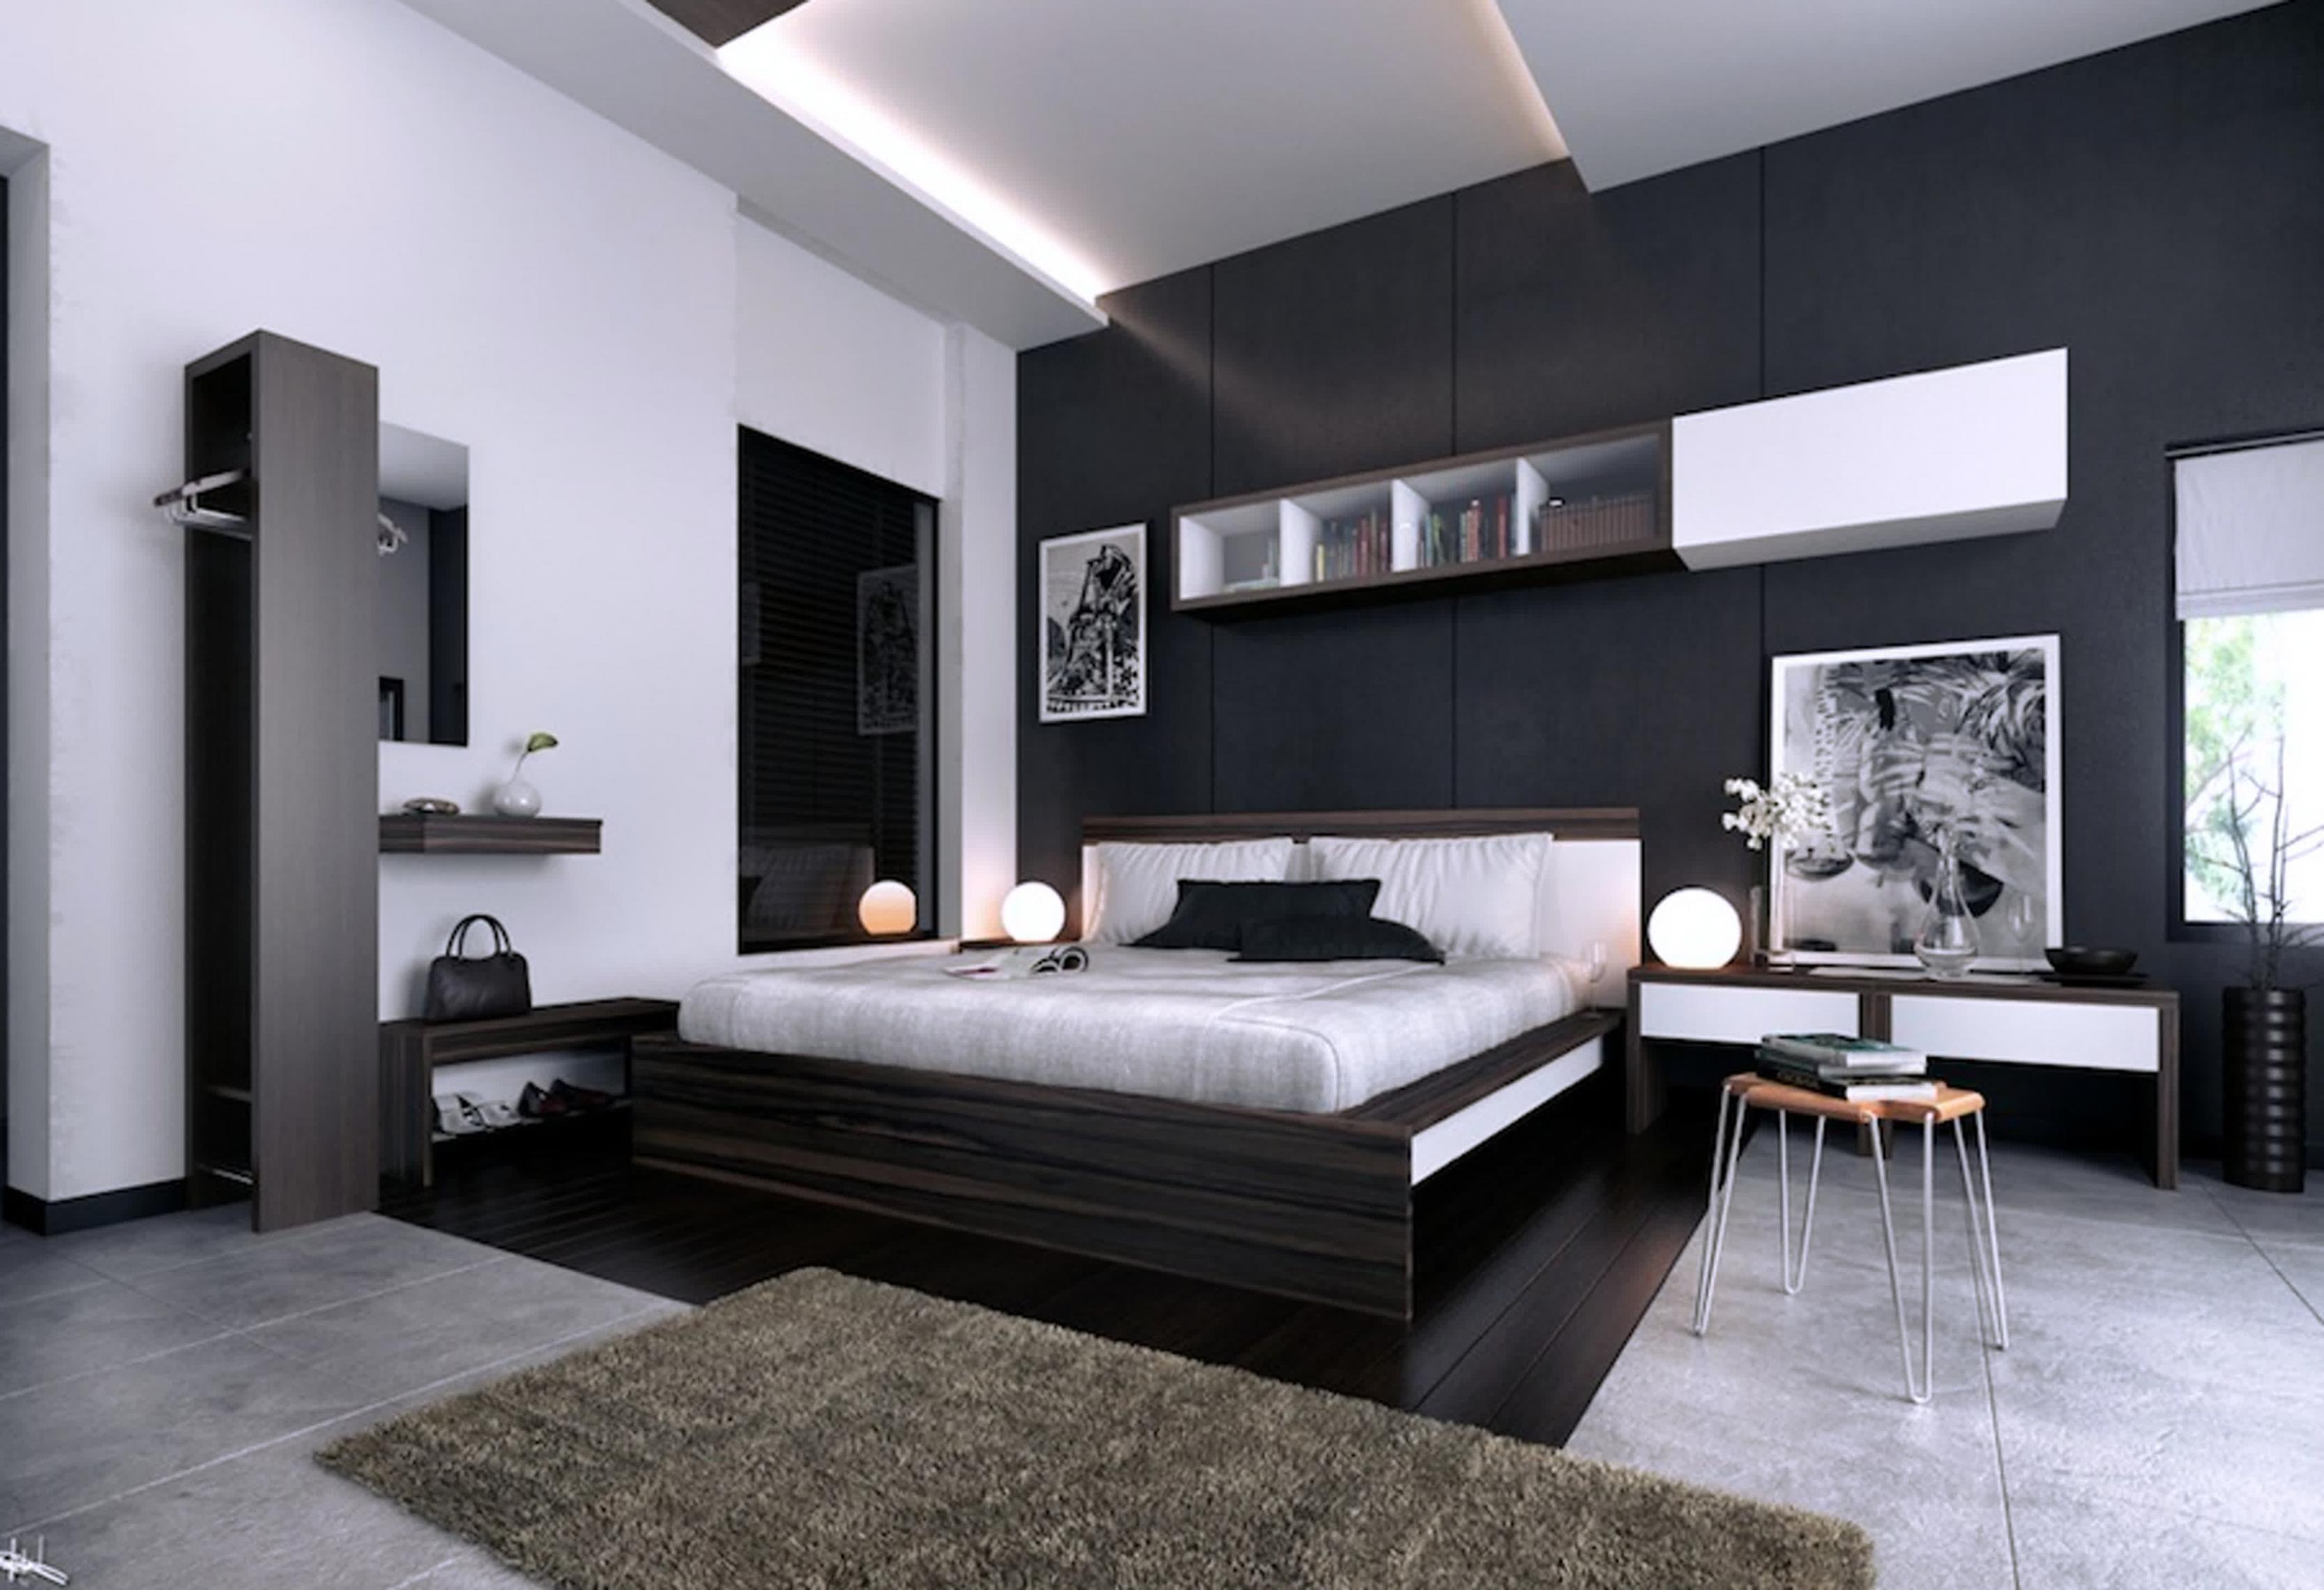 بالصور اجمل ديكورات غرف النوم , غرف نوم مودرن 3389 2